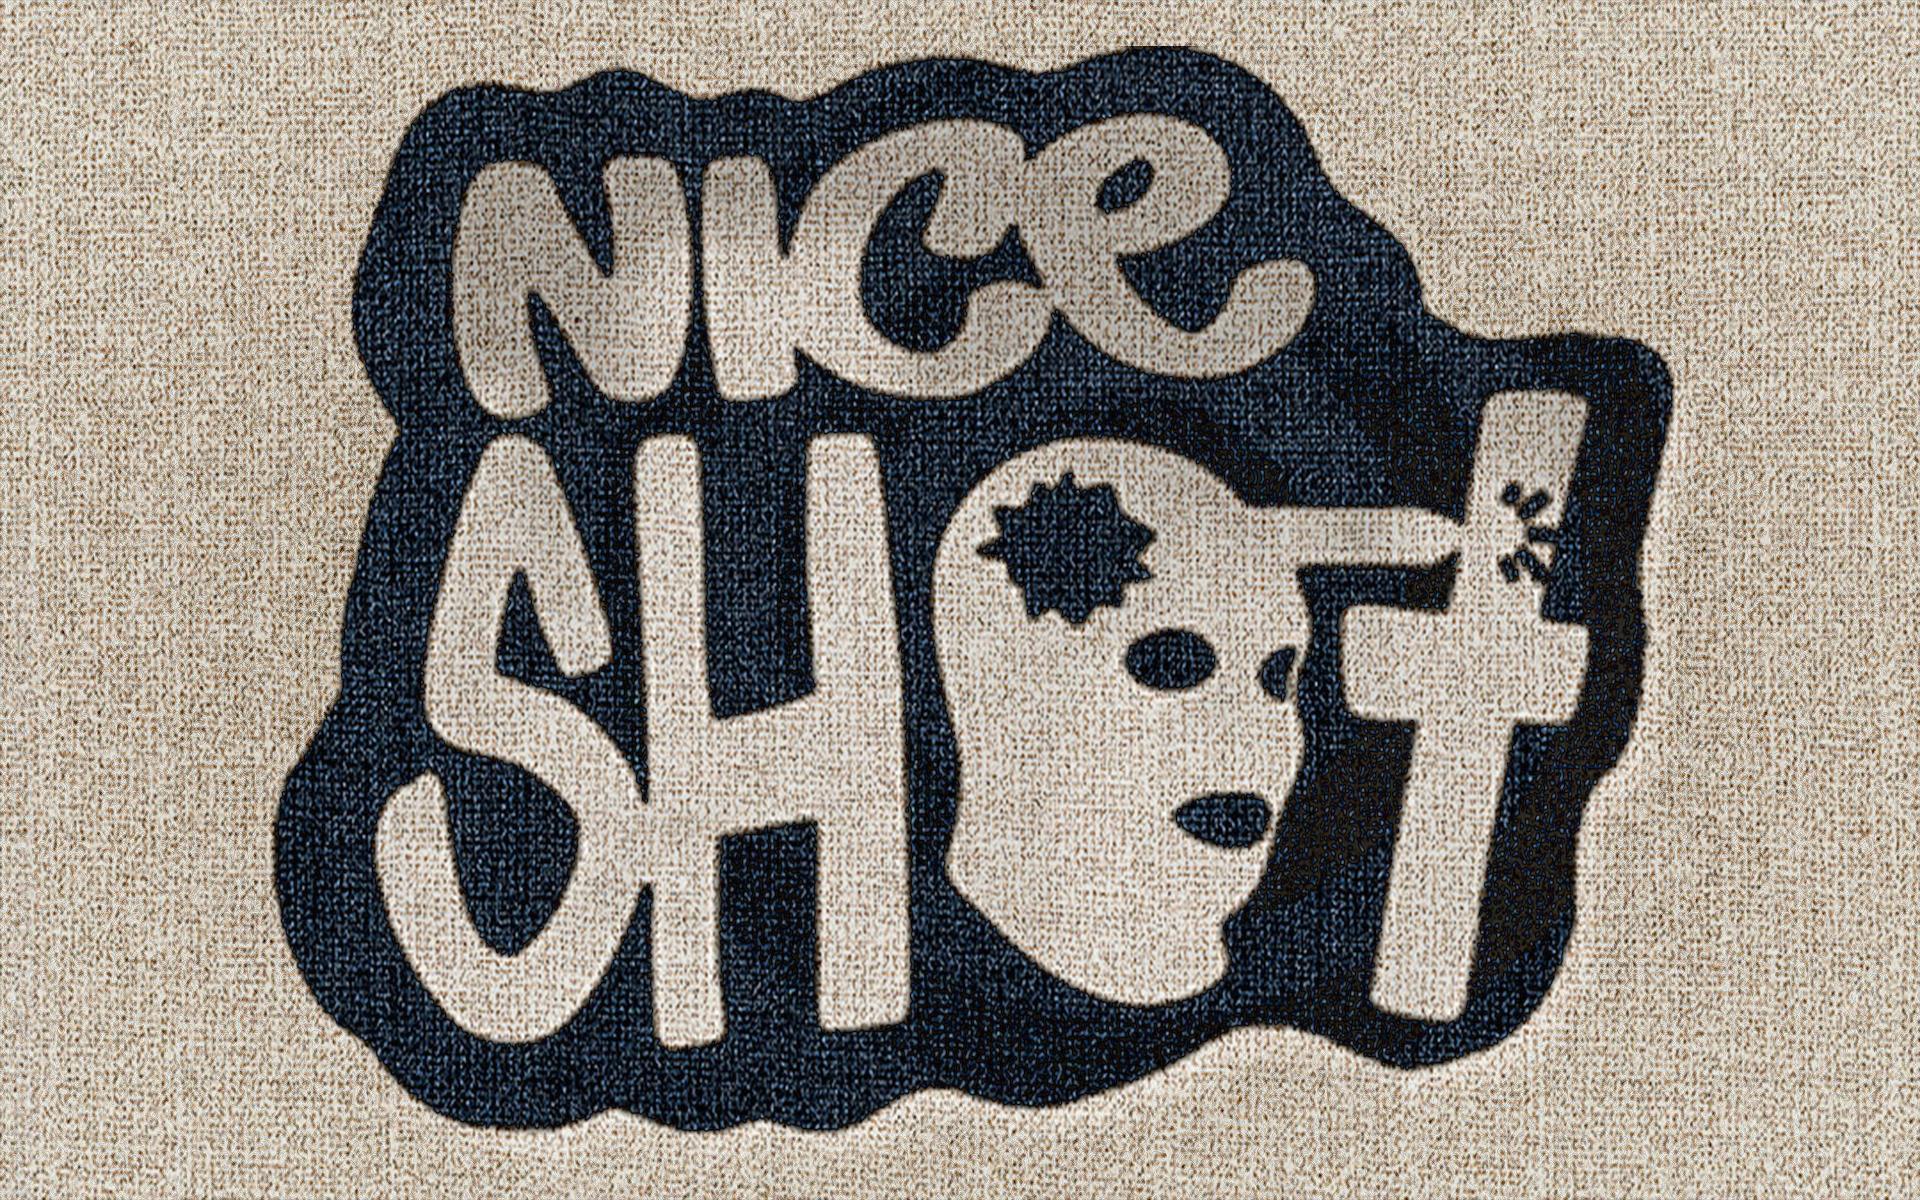 Nake shot